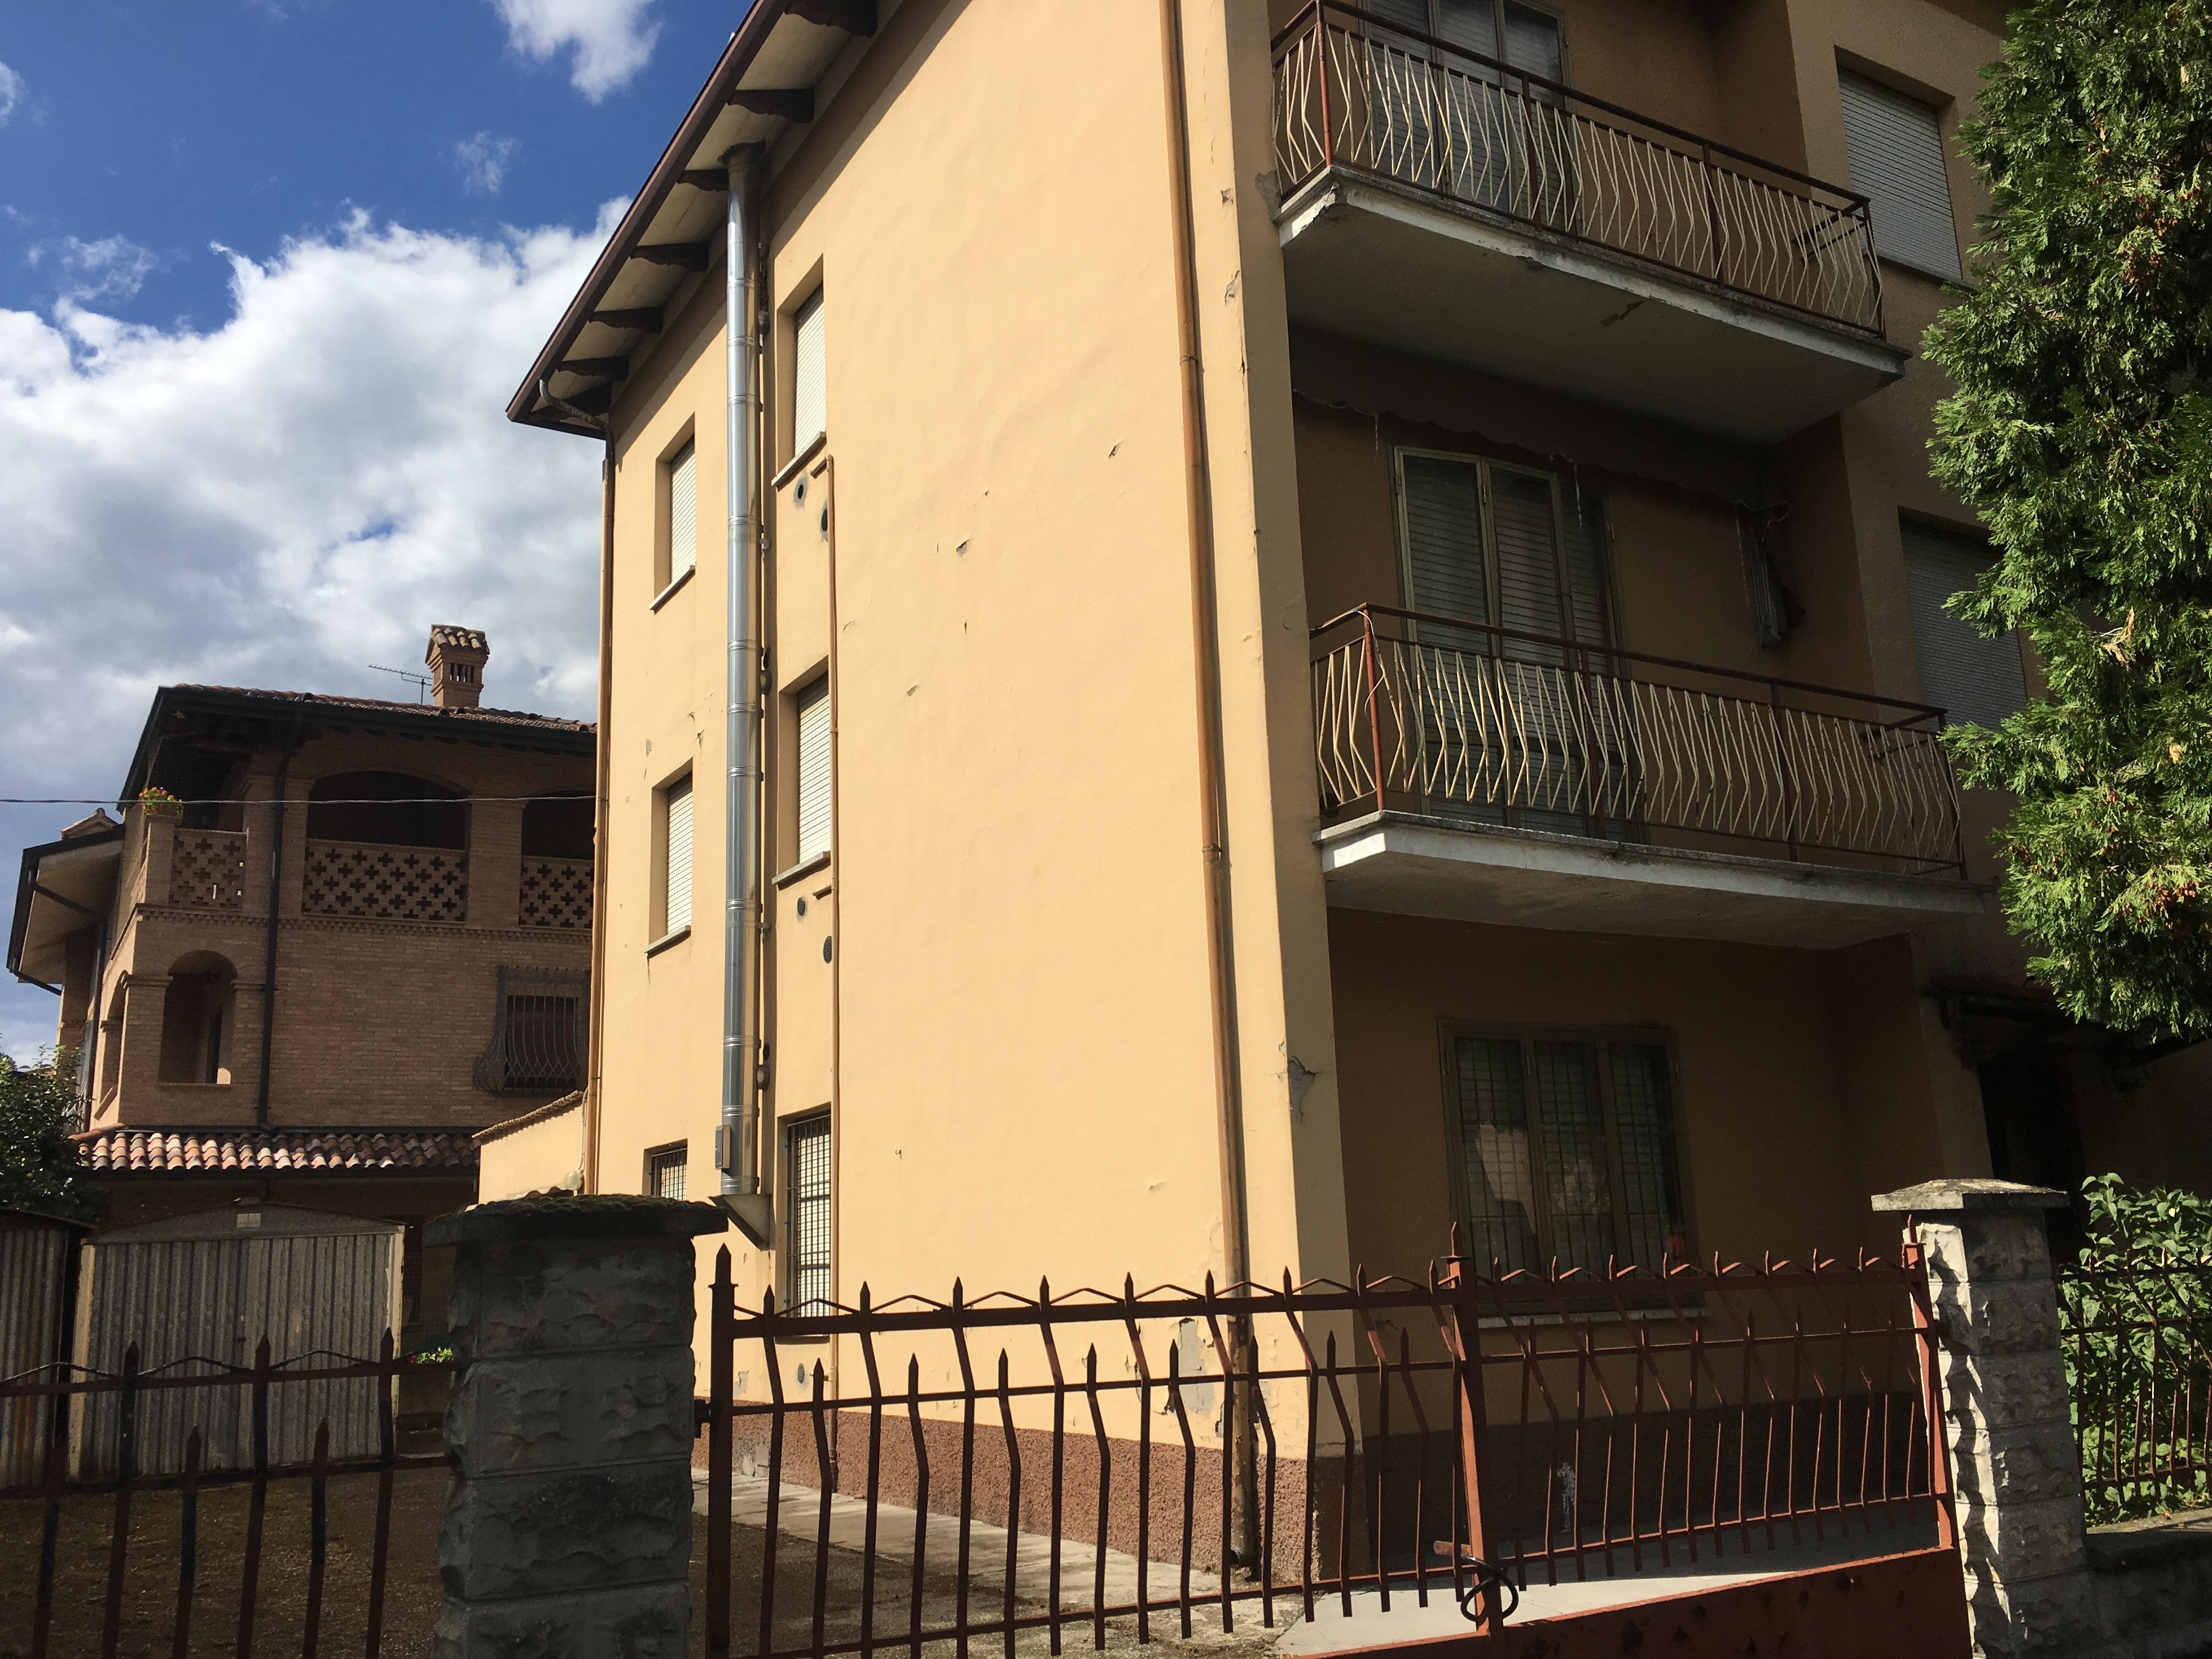 Ufficio Casa Immobiliare : Casa indipendente con 3 unita immobiliari a rubiera re algeri